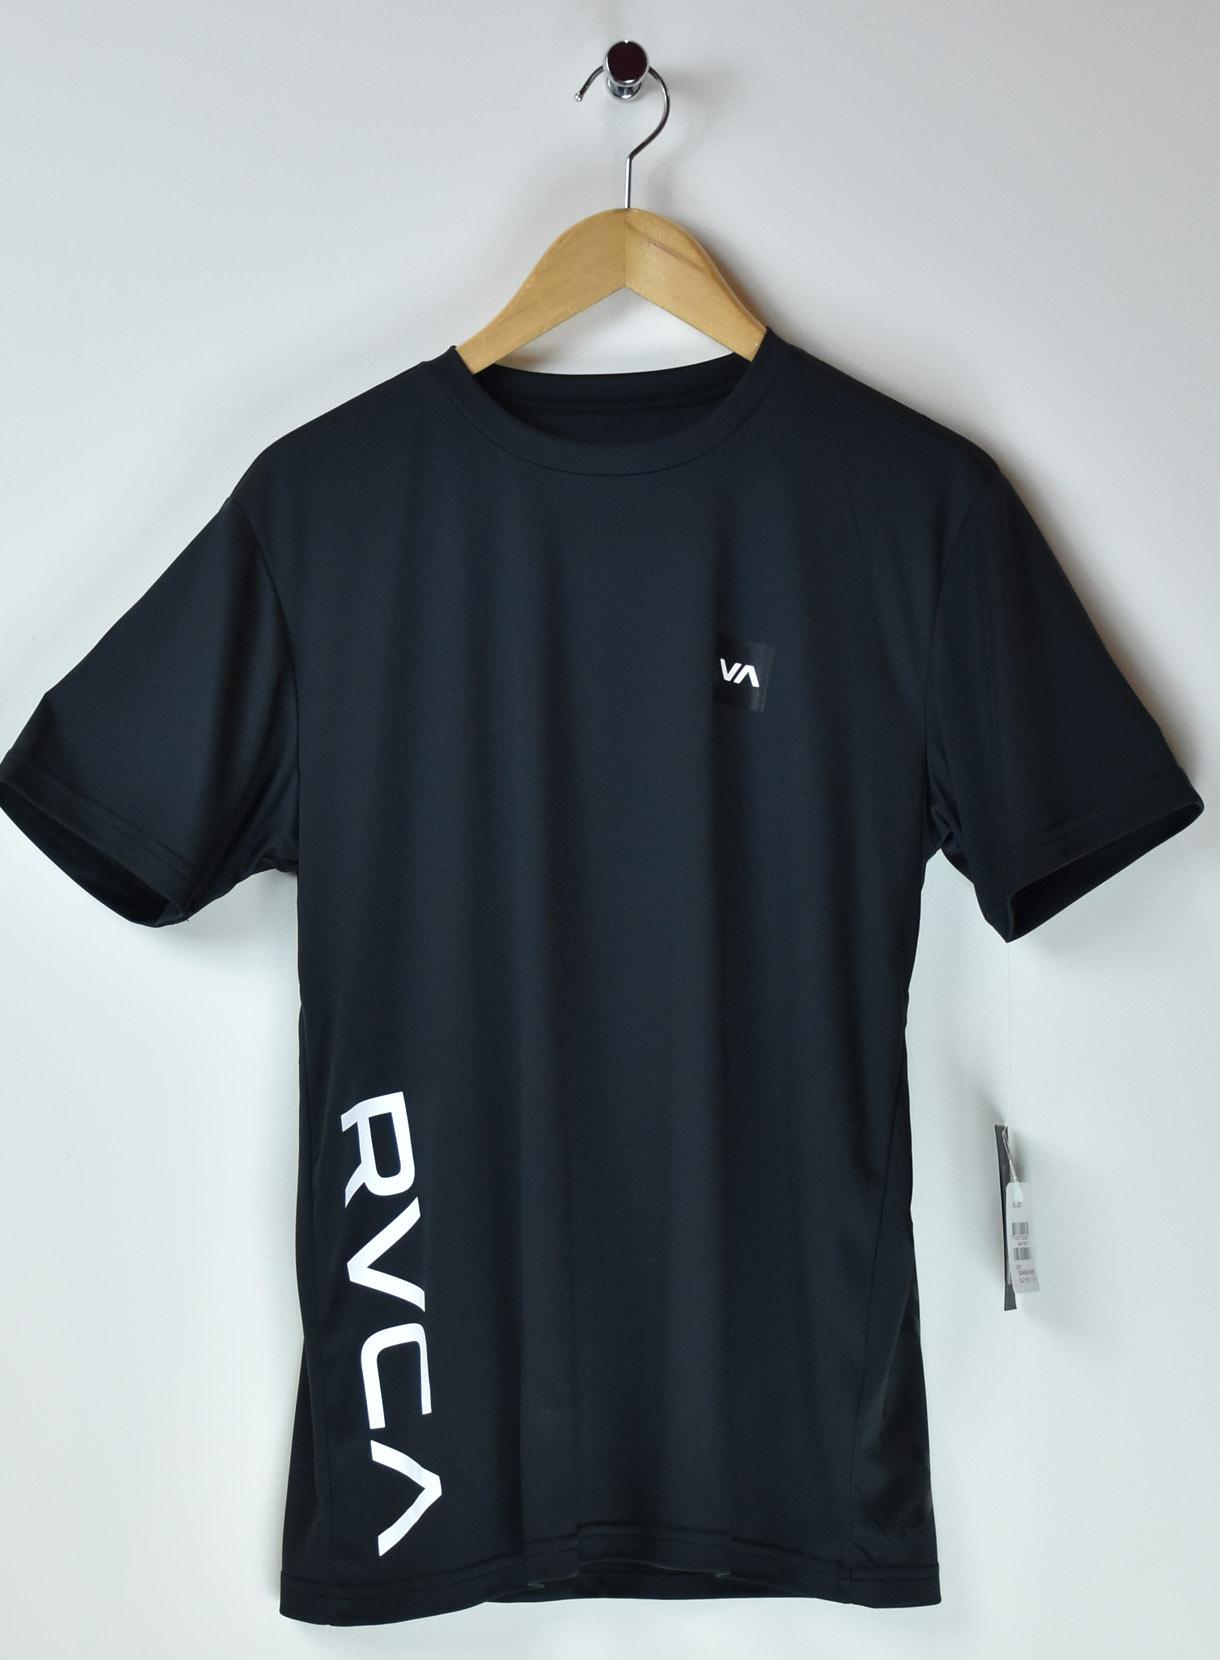 RVCA スポーツライン サイドロゴTシャツ